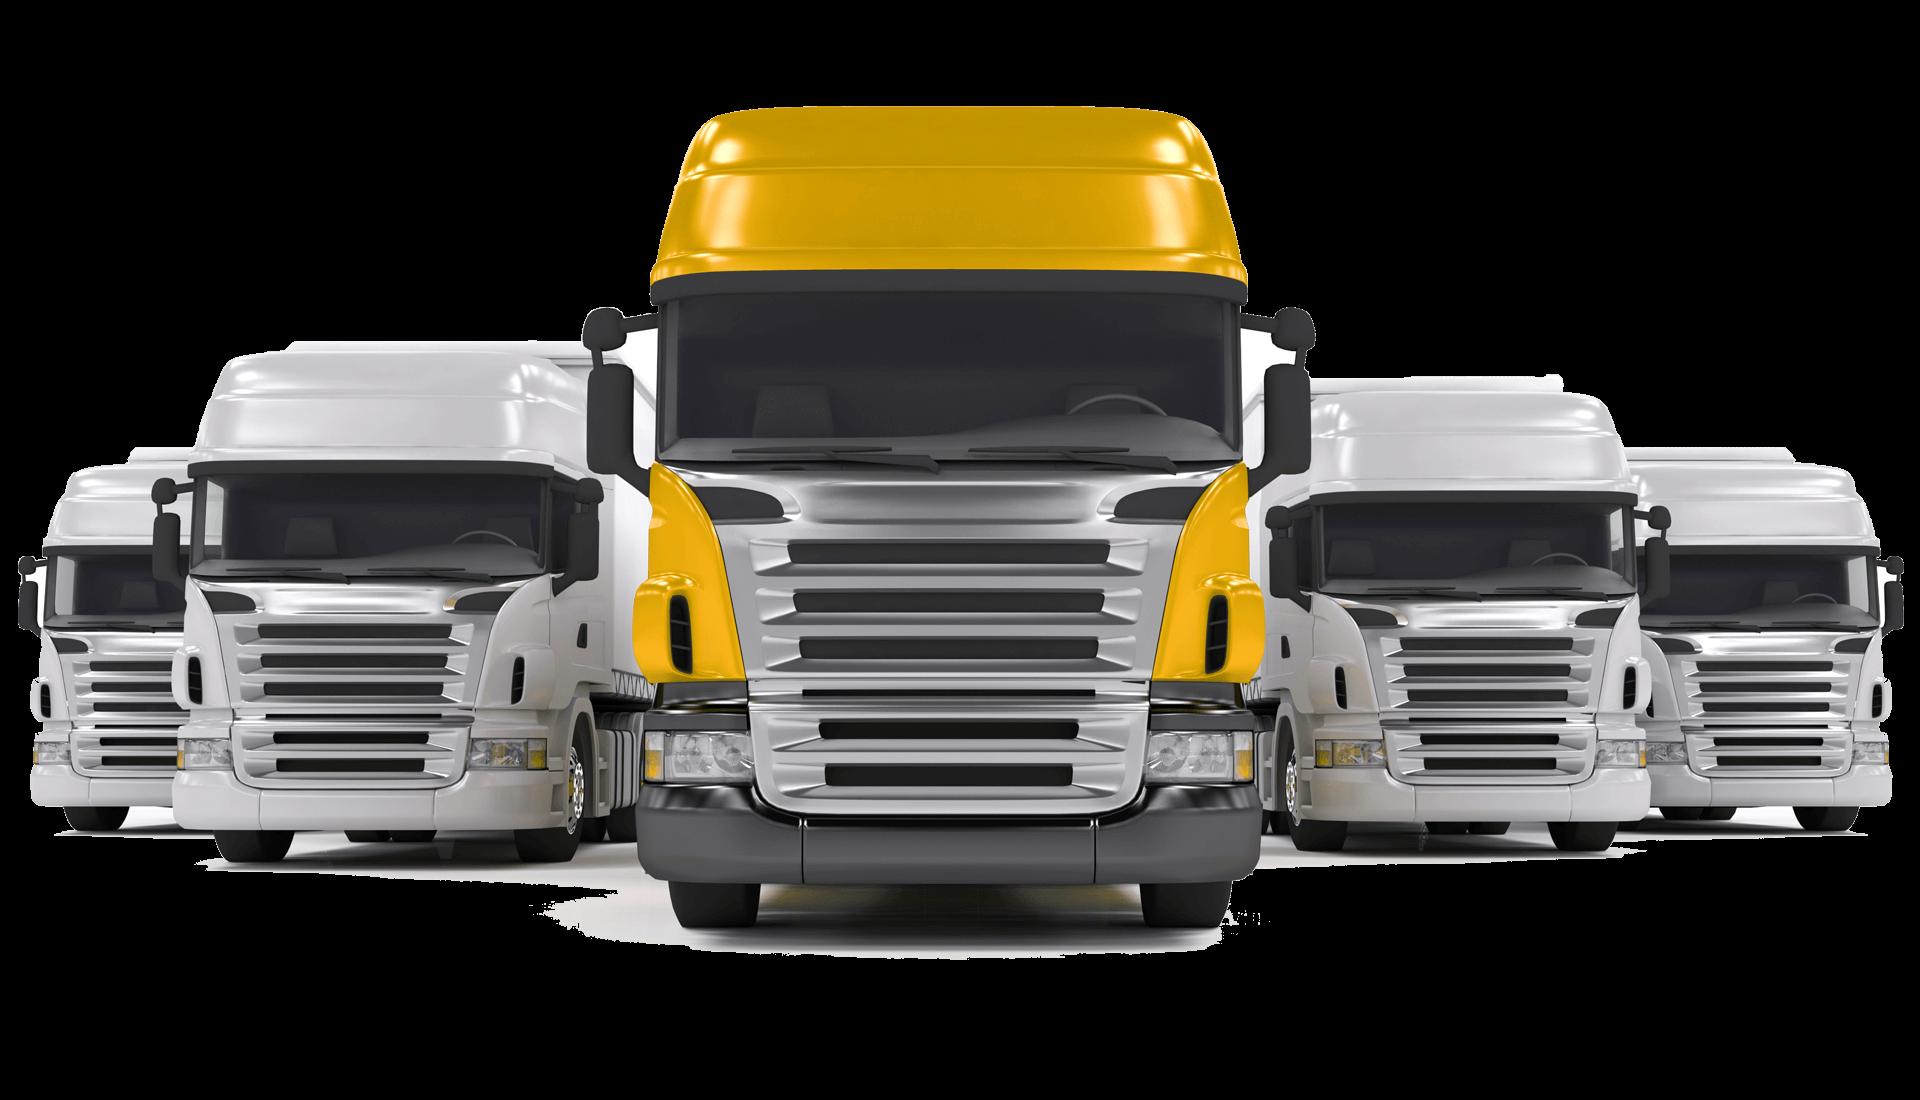 https://ciprologistics.com/wp-content/uploads/2017/07/trucks.png